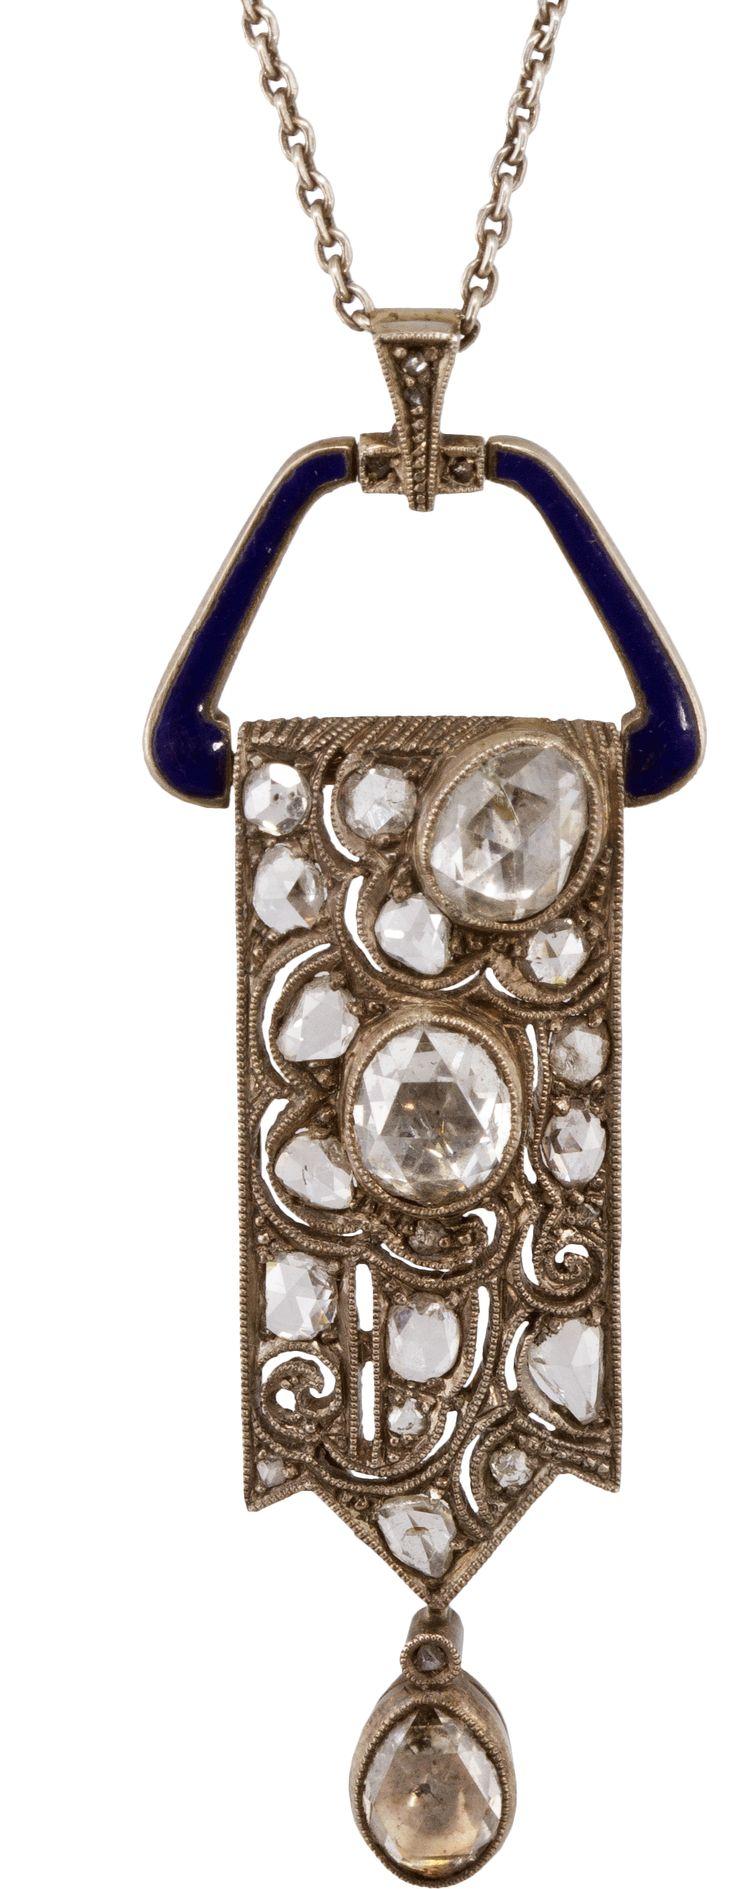 Aukció: 2015 május 29.: Negligé; 9. sz. vége, 1902-1937 közötti pesti behozatali jellel; függő 14 k fehérarany, szecessziós motívumban régi, hollandi rózsa csiszolású gyémántok